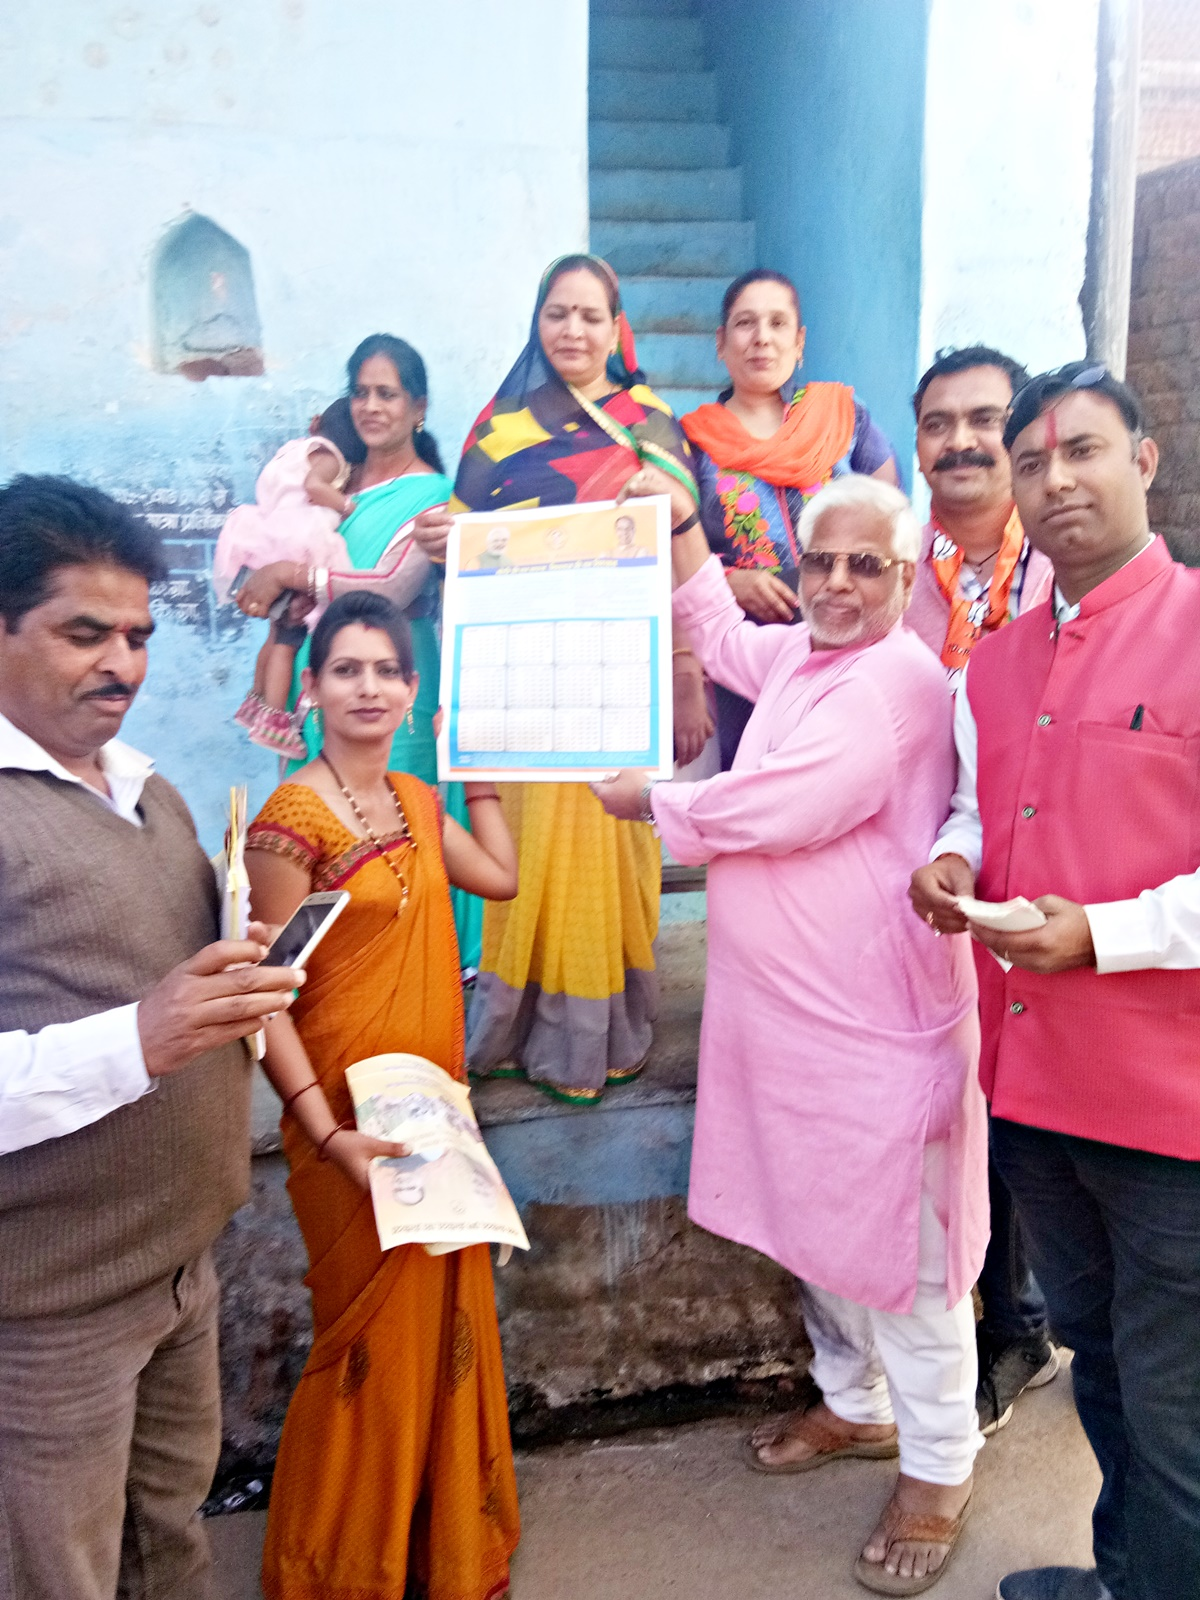 पंडित दीनदयाल उपाध्याय जन्म शताब्दी वर्ष पर झाबुआ मुख्यालय पर अभियान का शुभारम्भ हुआ-pandit-dindayal-upadhyay-birth-caremony-Campaign-launch